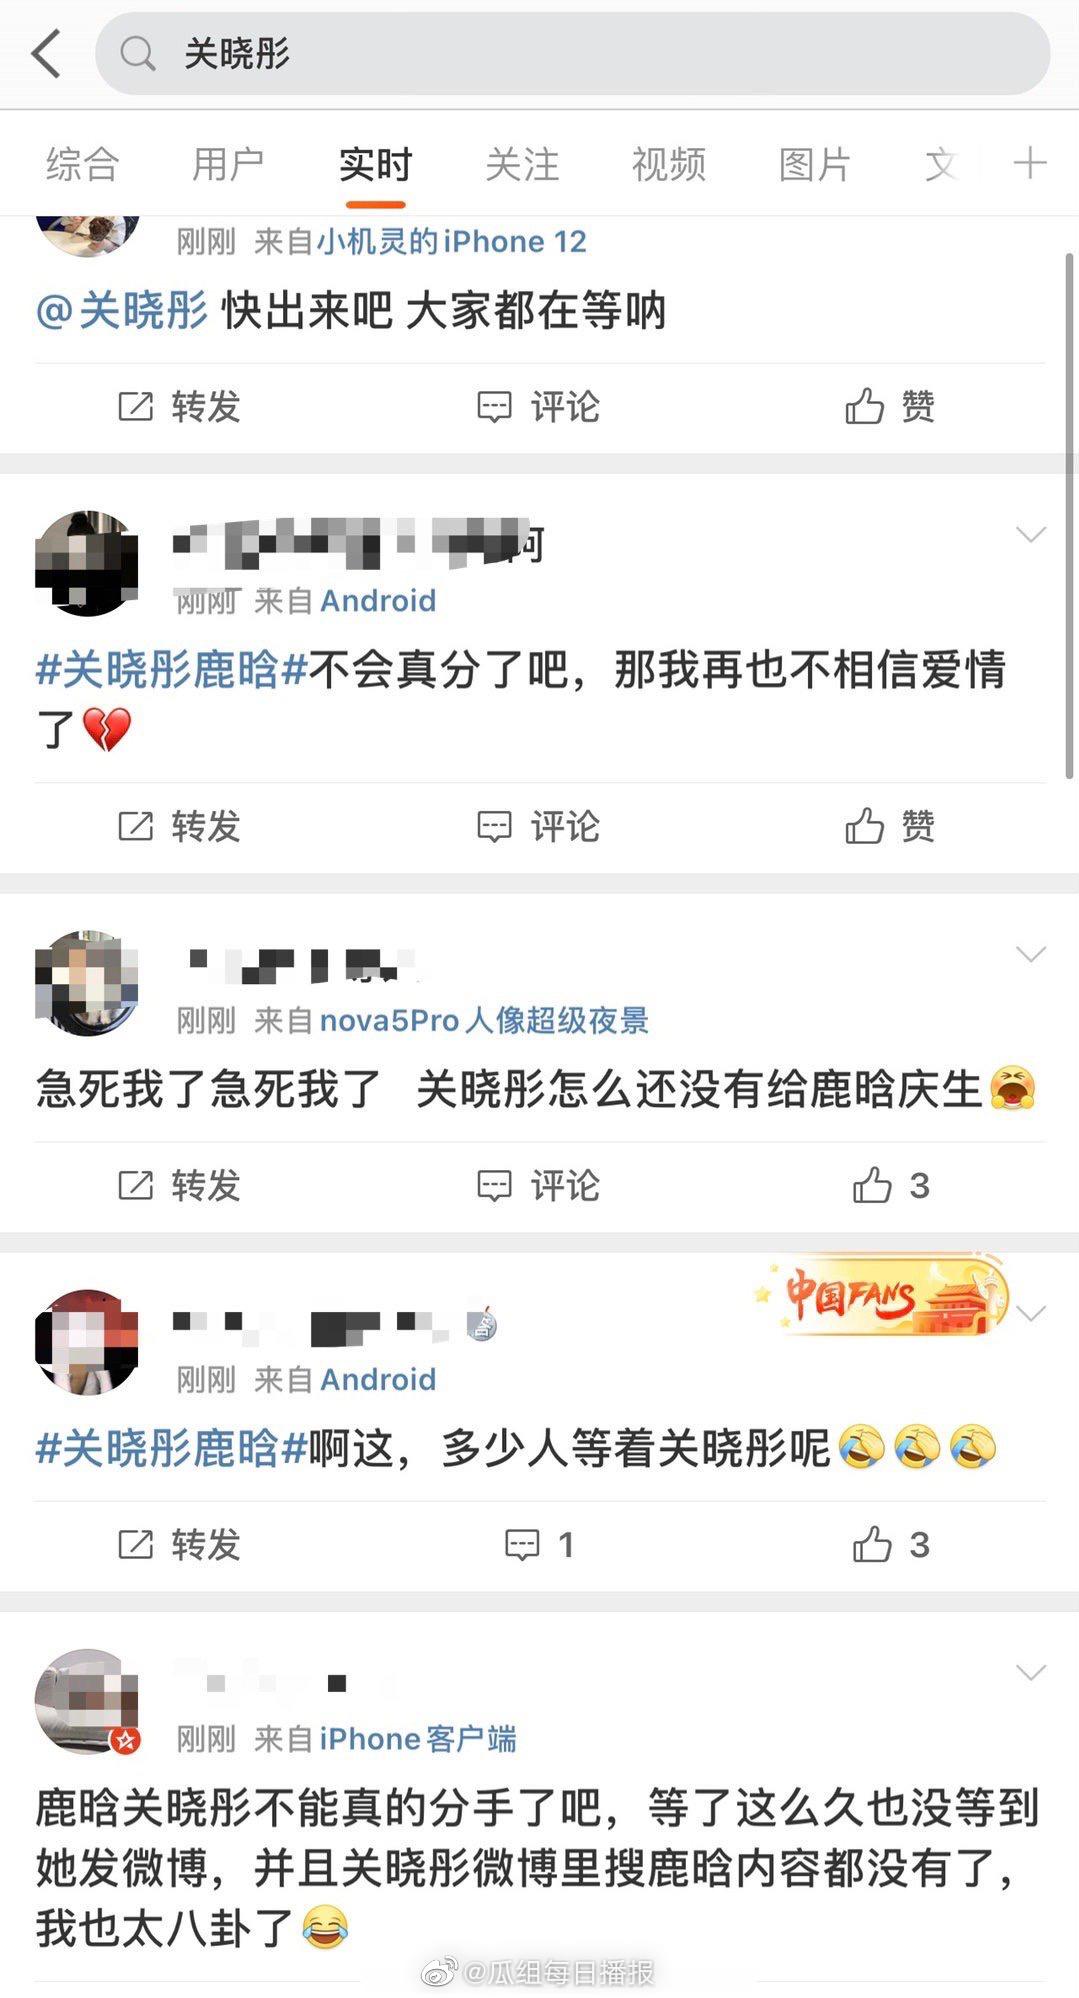 鹿晗生日「關曉彤遲遲沒送祝福」!網爆料:去年已分手